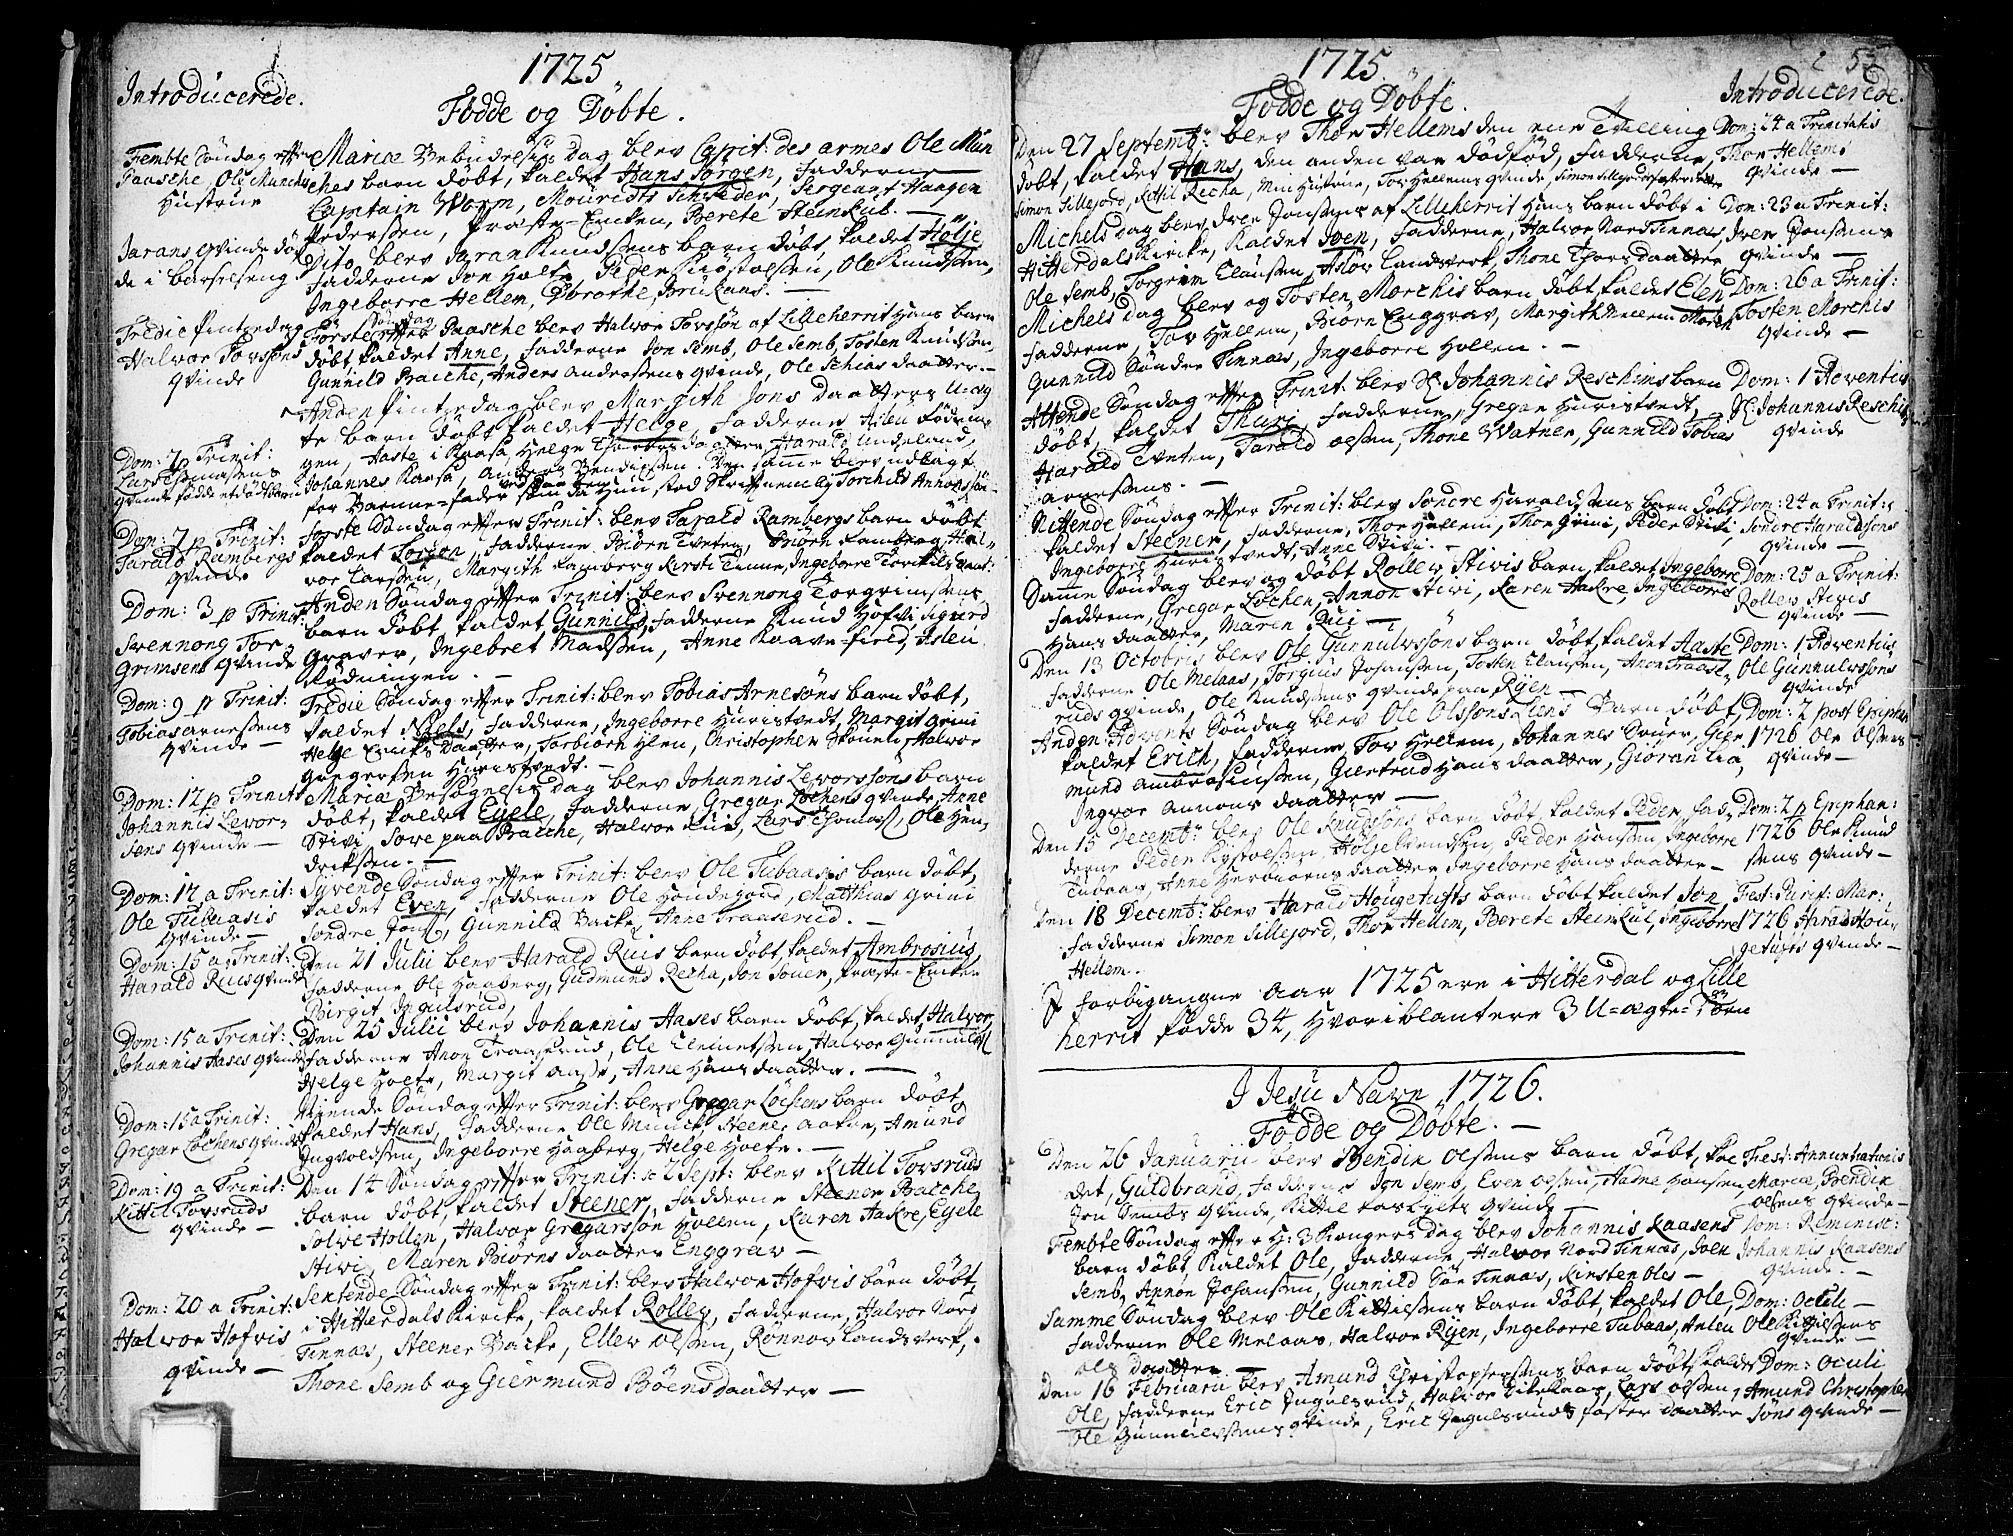 SAKO, Heddal kirkebøker, F/Fa/L0003: Ministerialbok nr. I 3, 1723-1783, s. 55